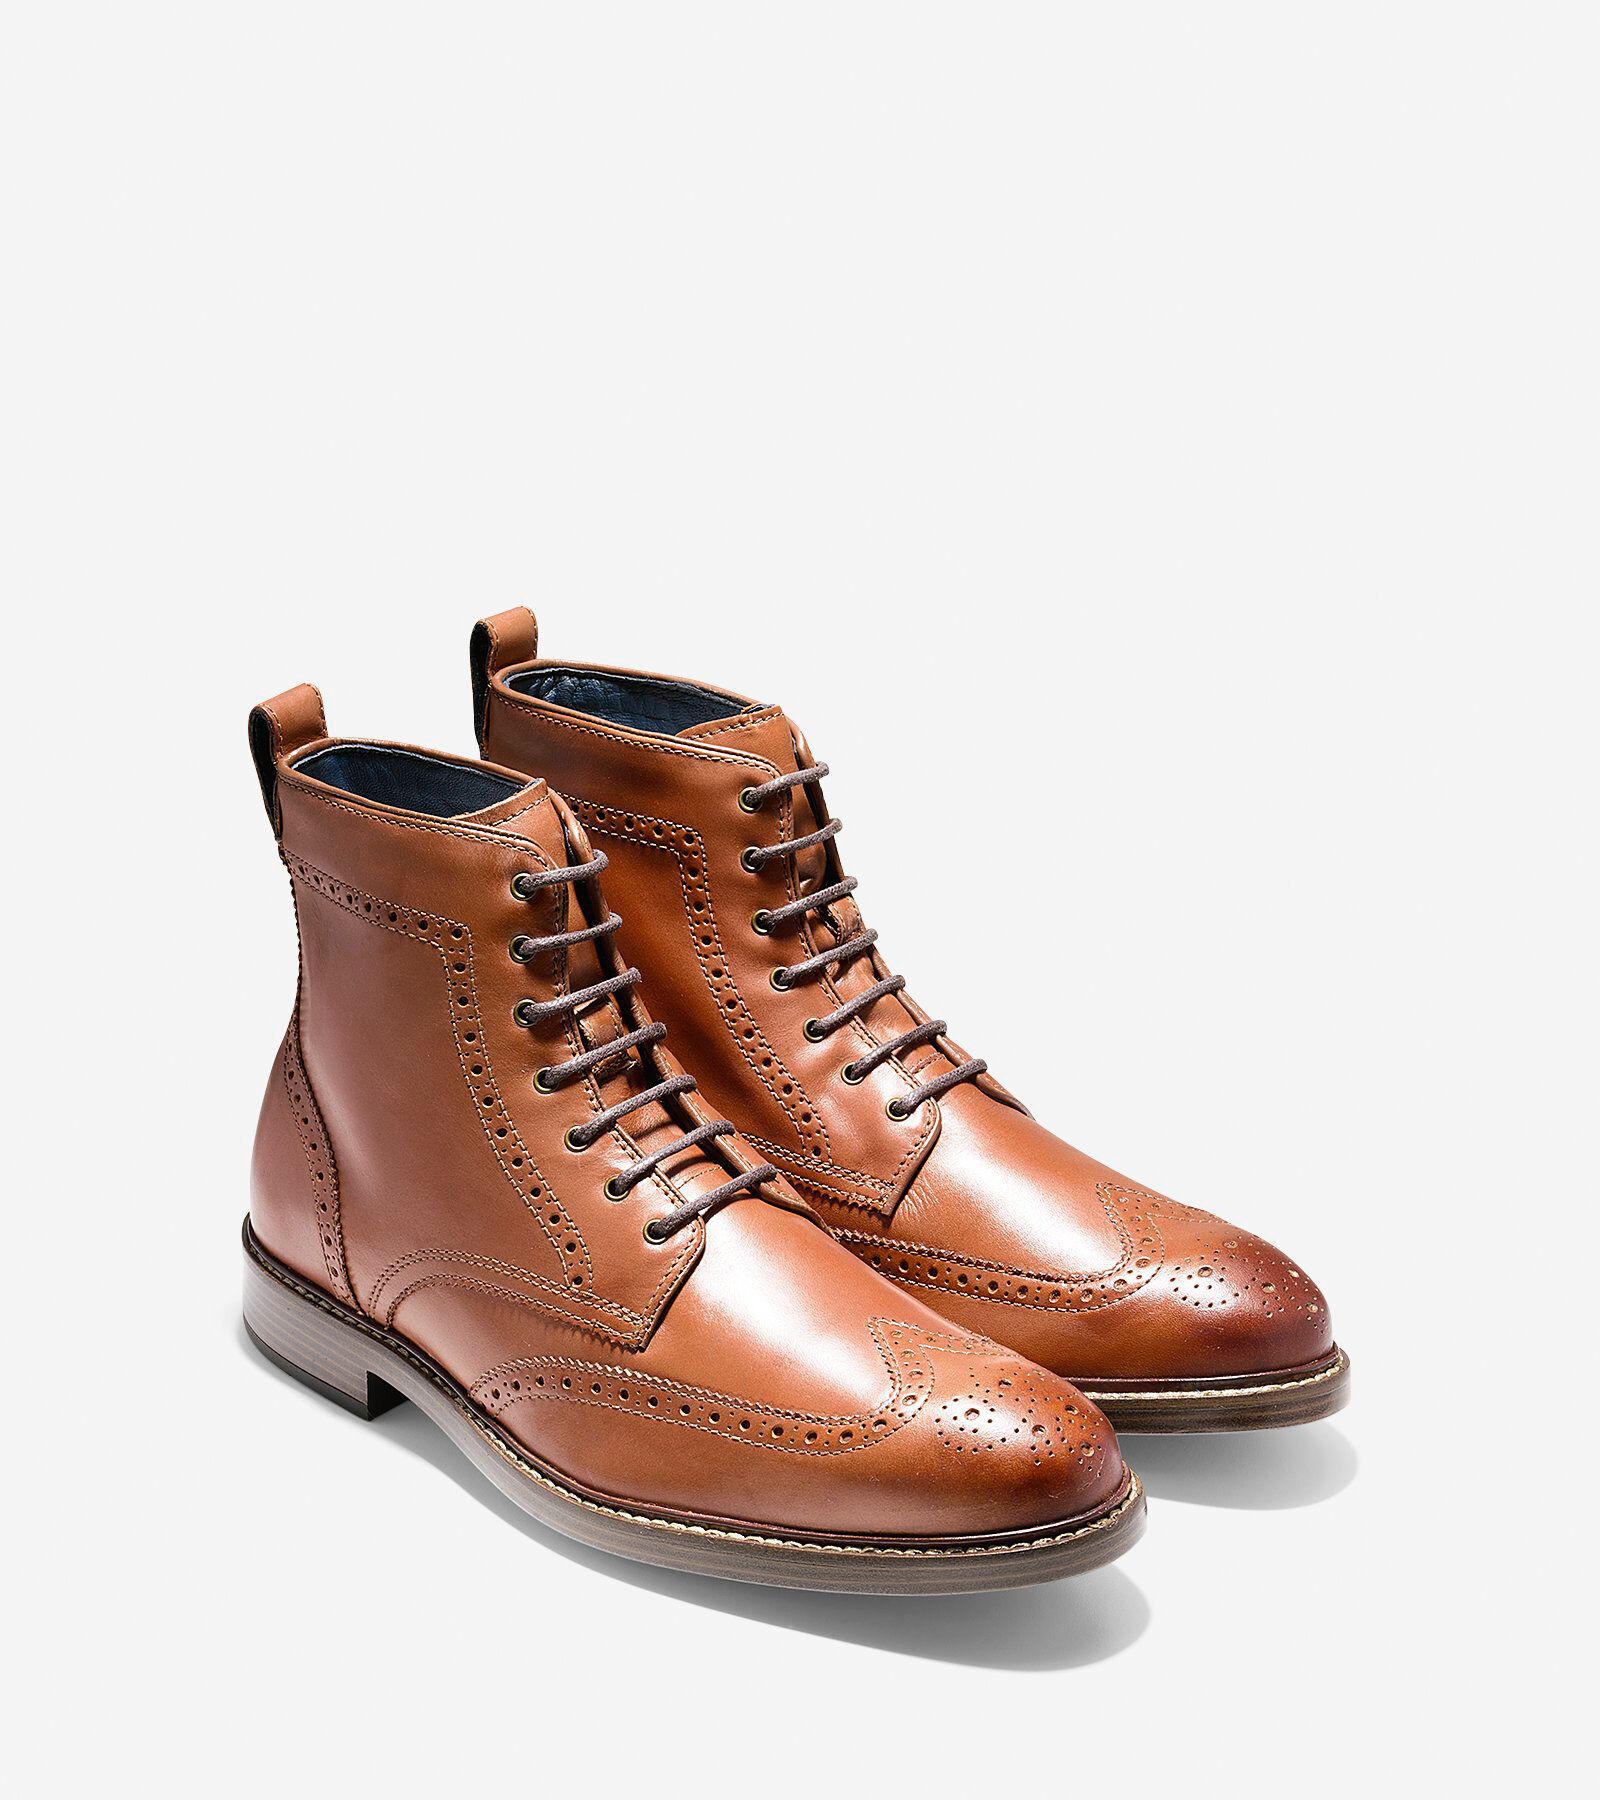 Cole Haan Kennedy Wingtip Boot II eteAO2S4